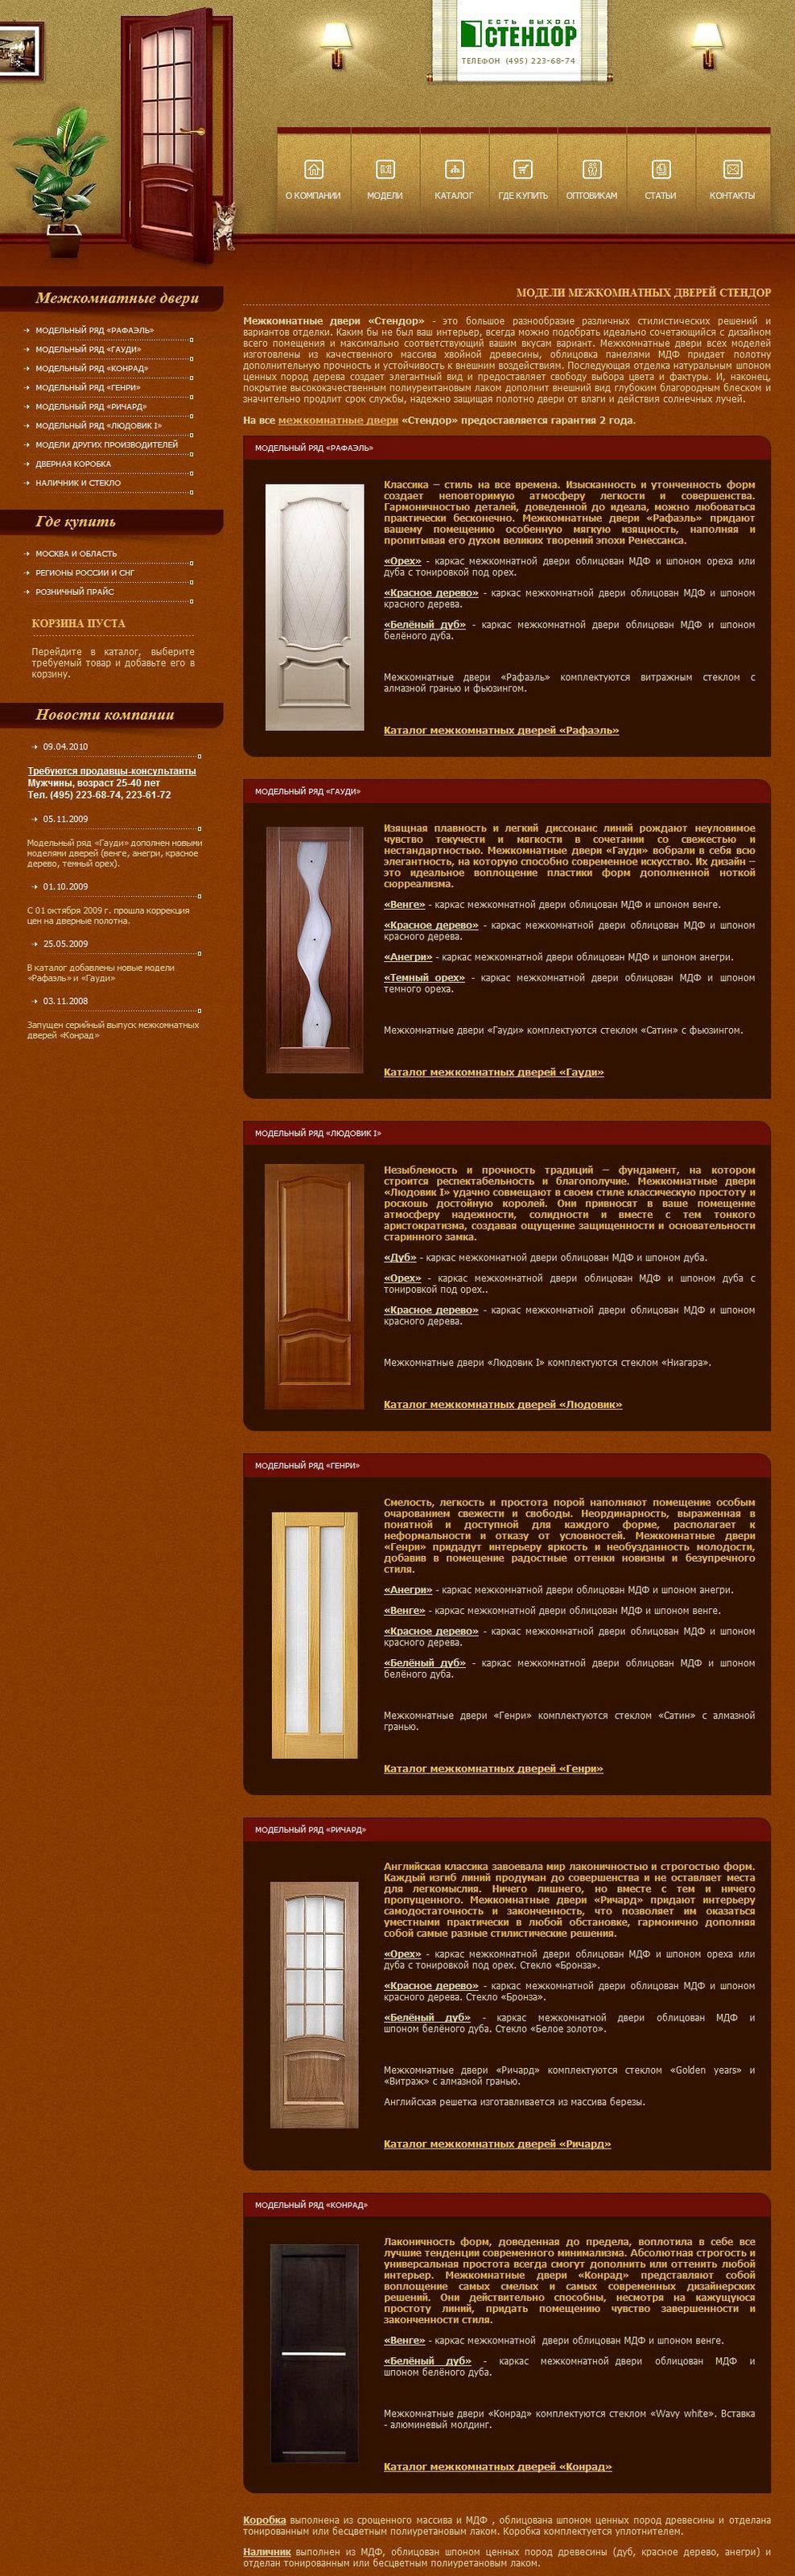 Описания межкомнатных дверей